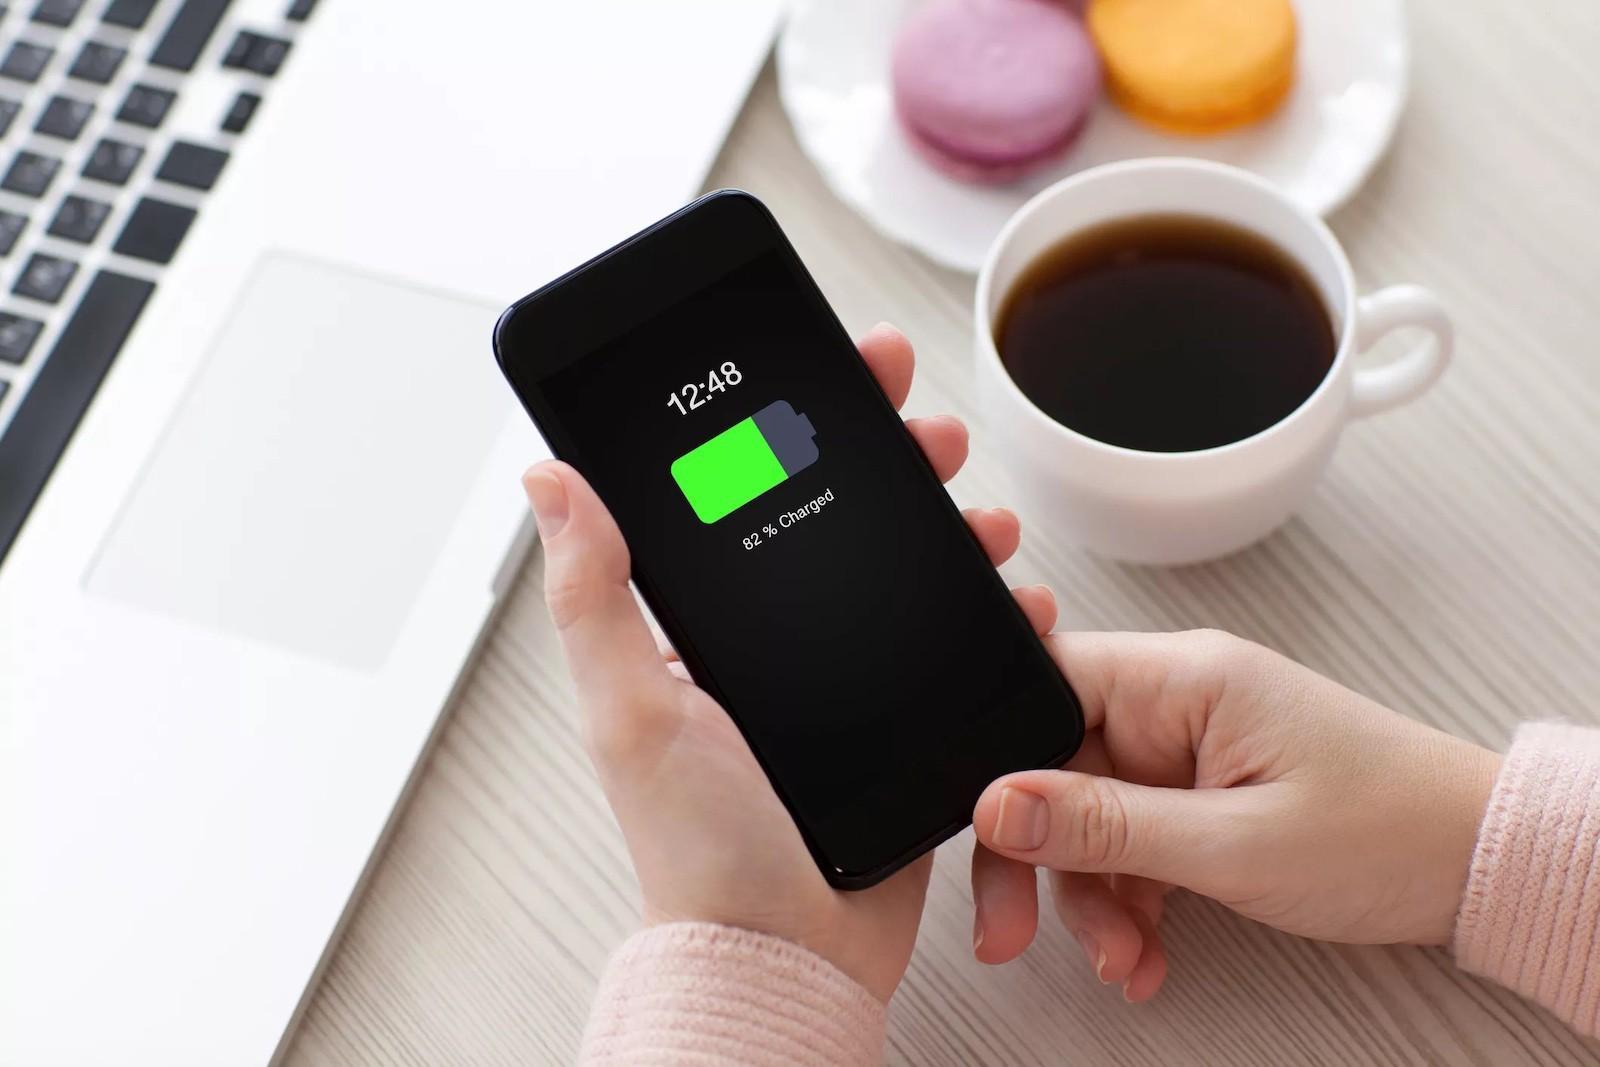 Điện thoại thông minh sắp sạc được qua không khí?